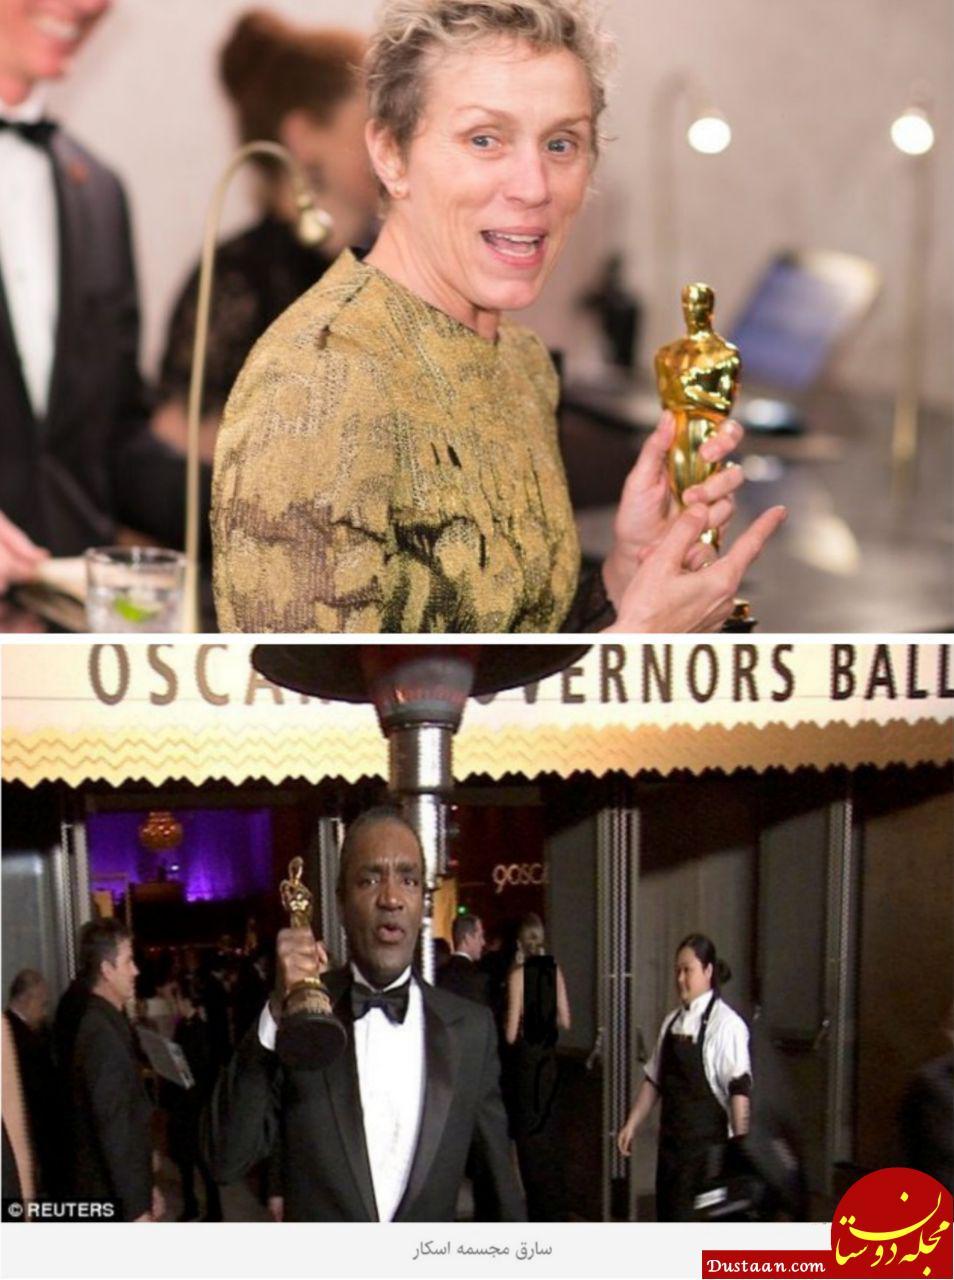 سرقت مجسمه اسکار در چند ثانیه! +عکس